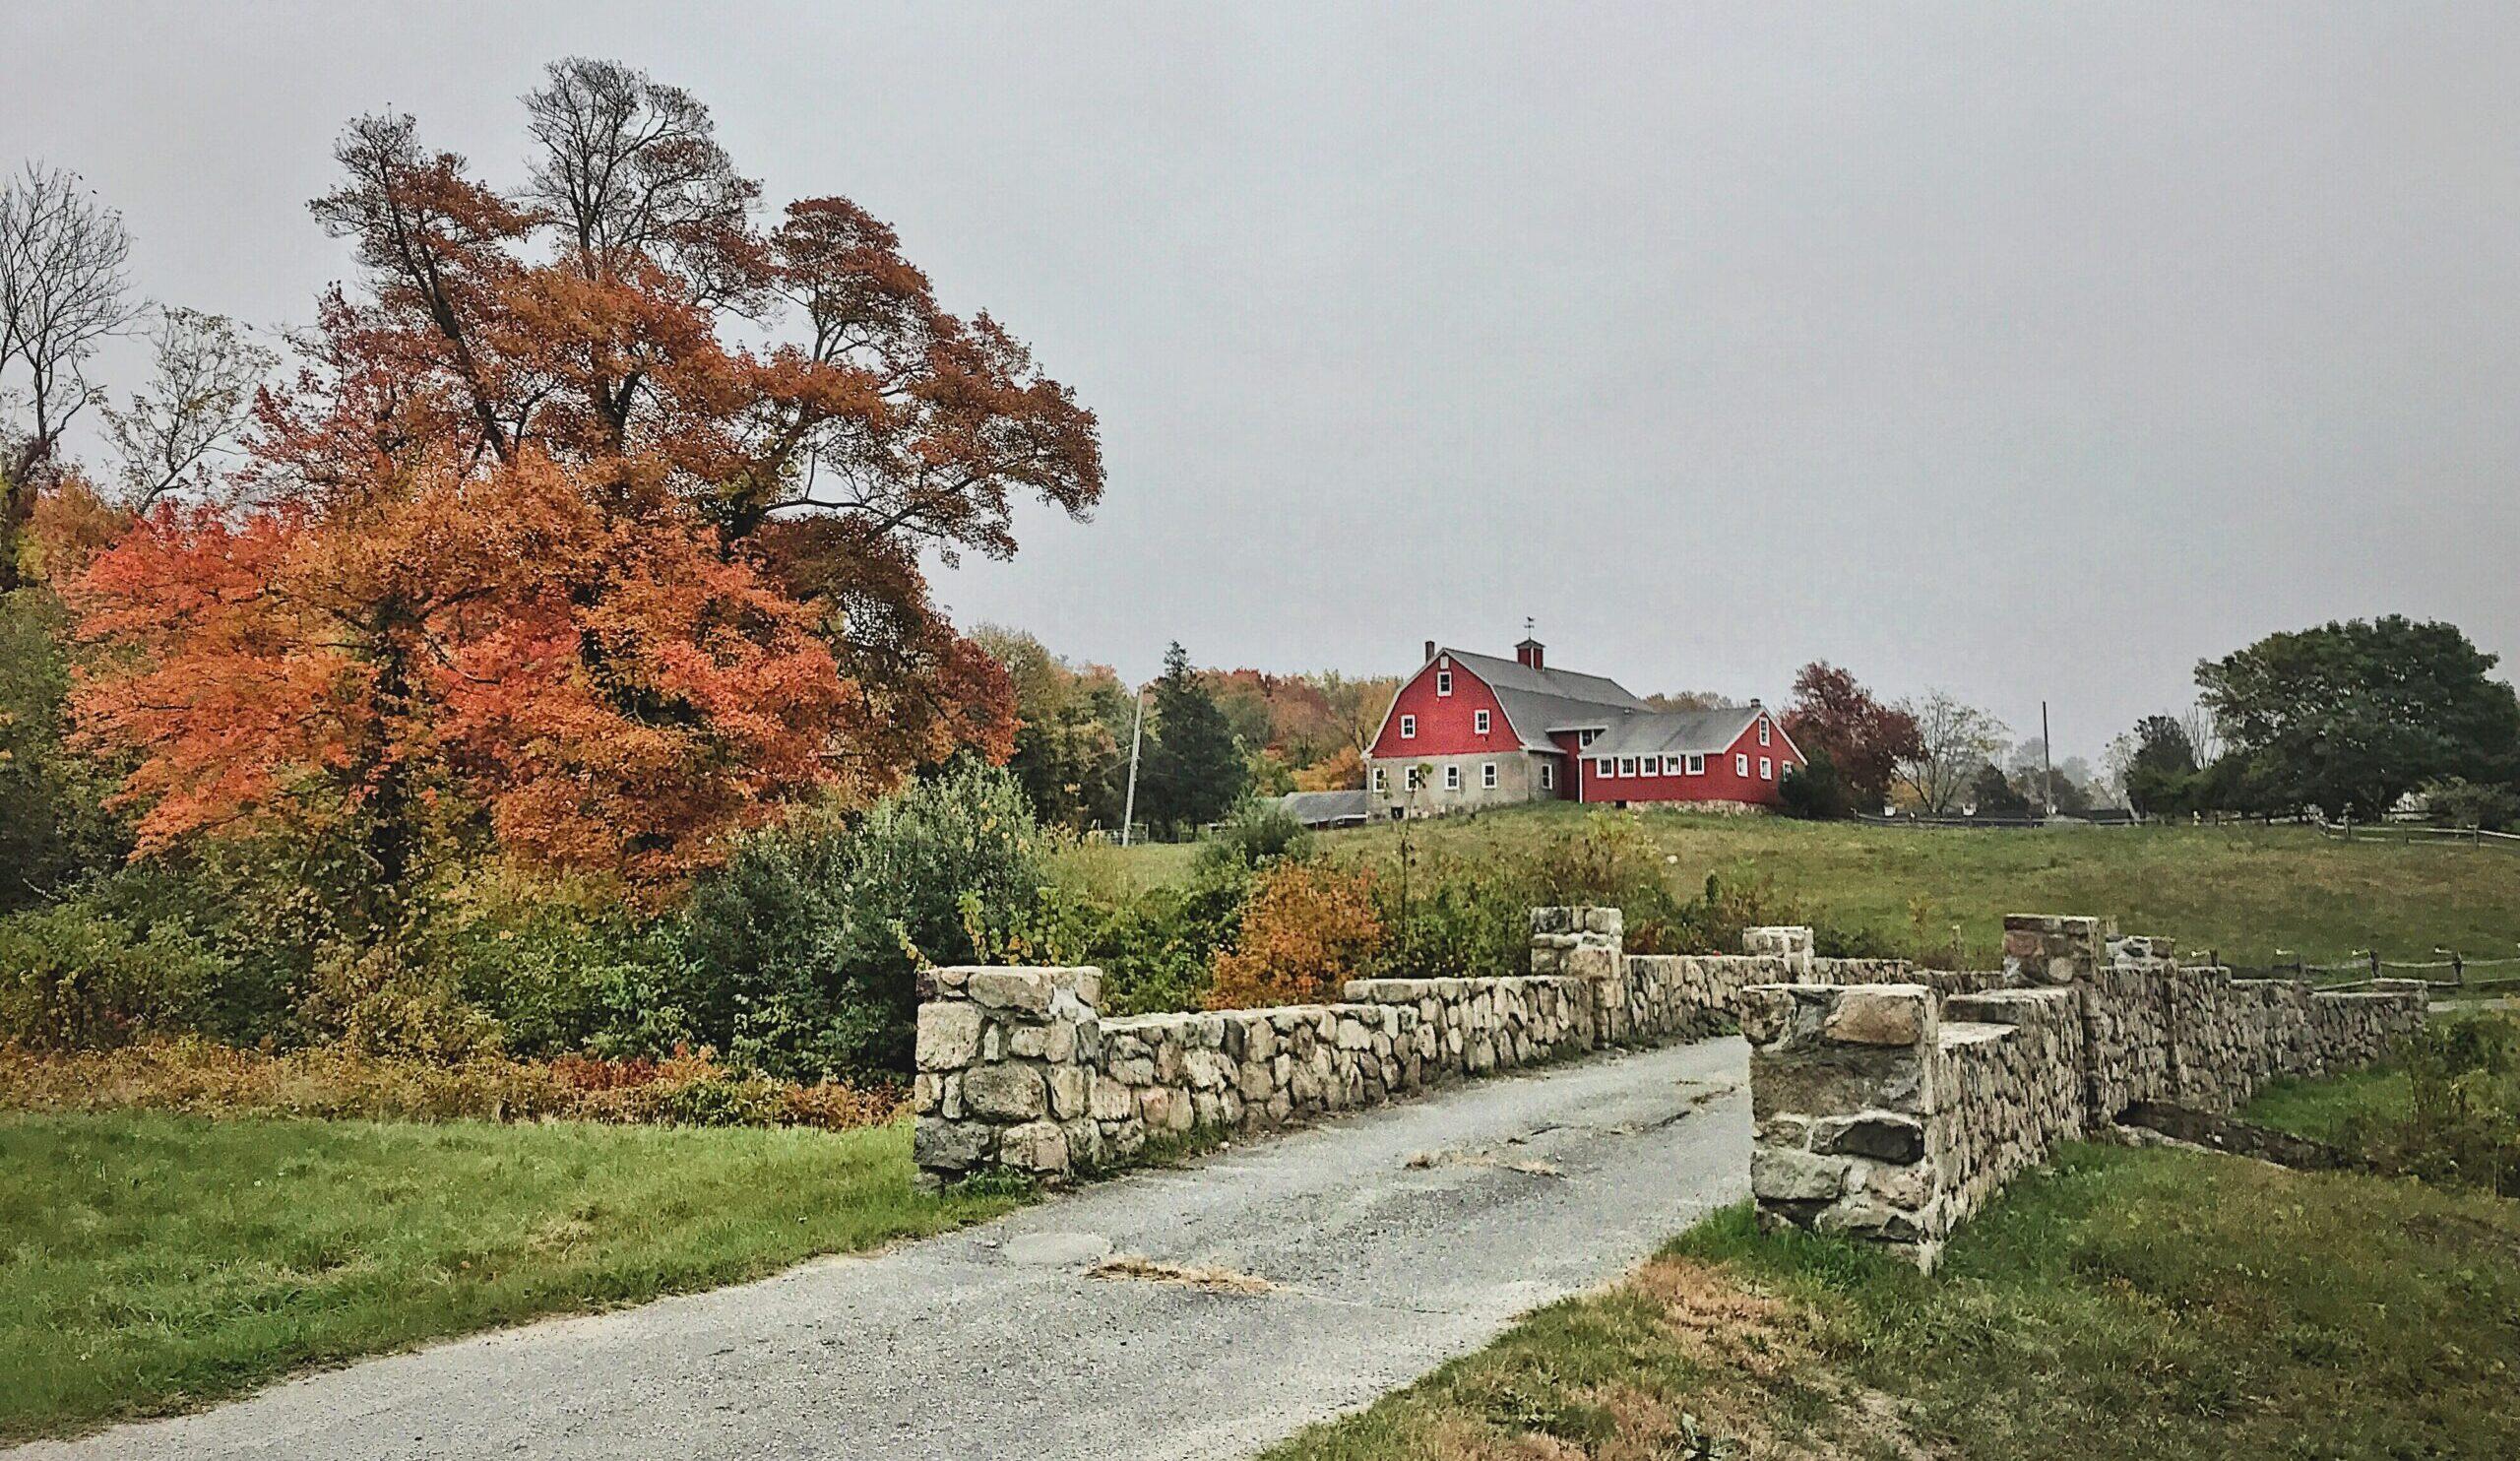 Weir River Farm Barn